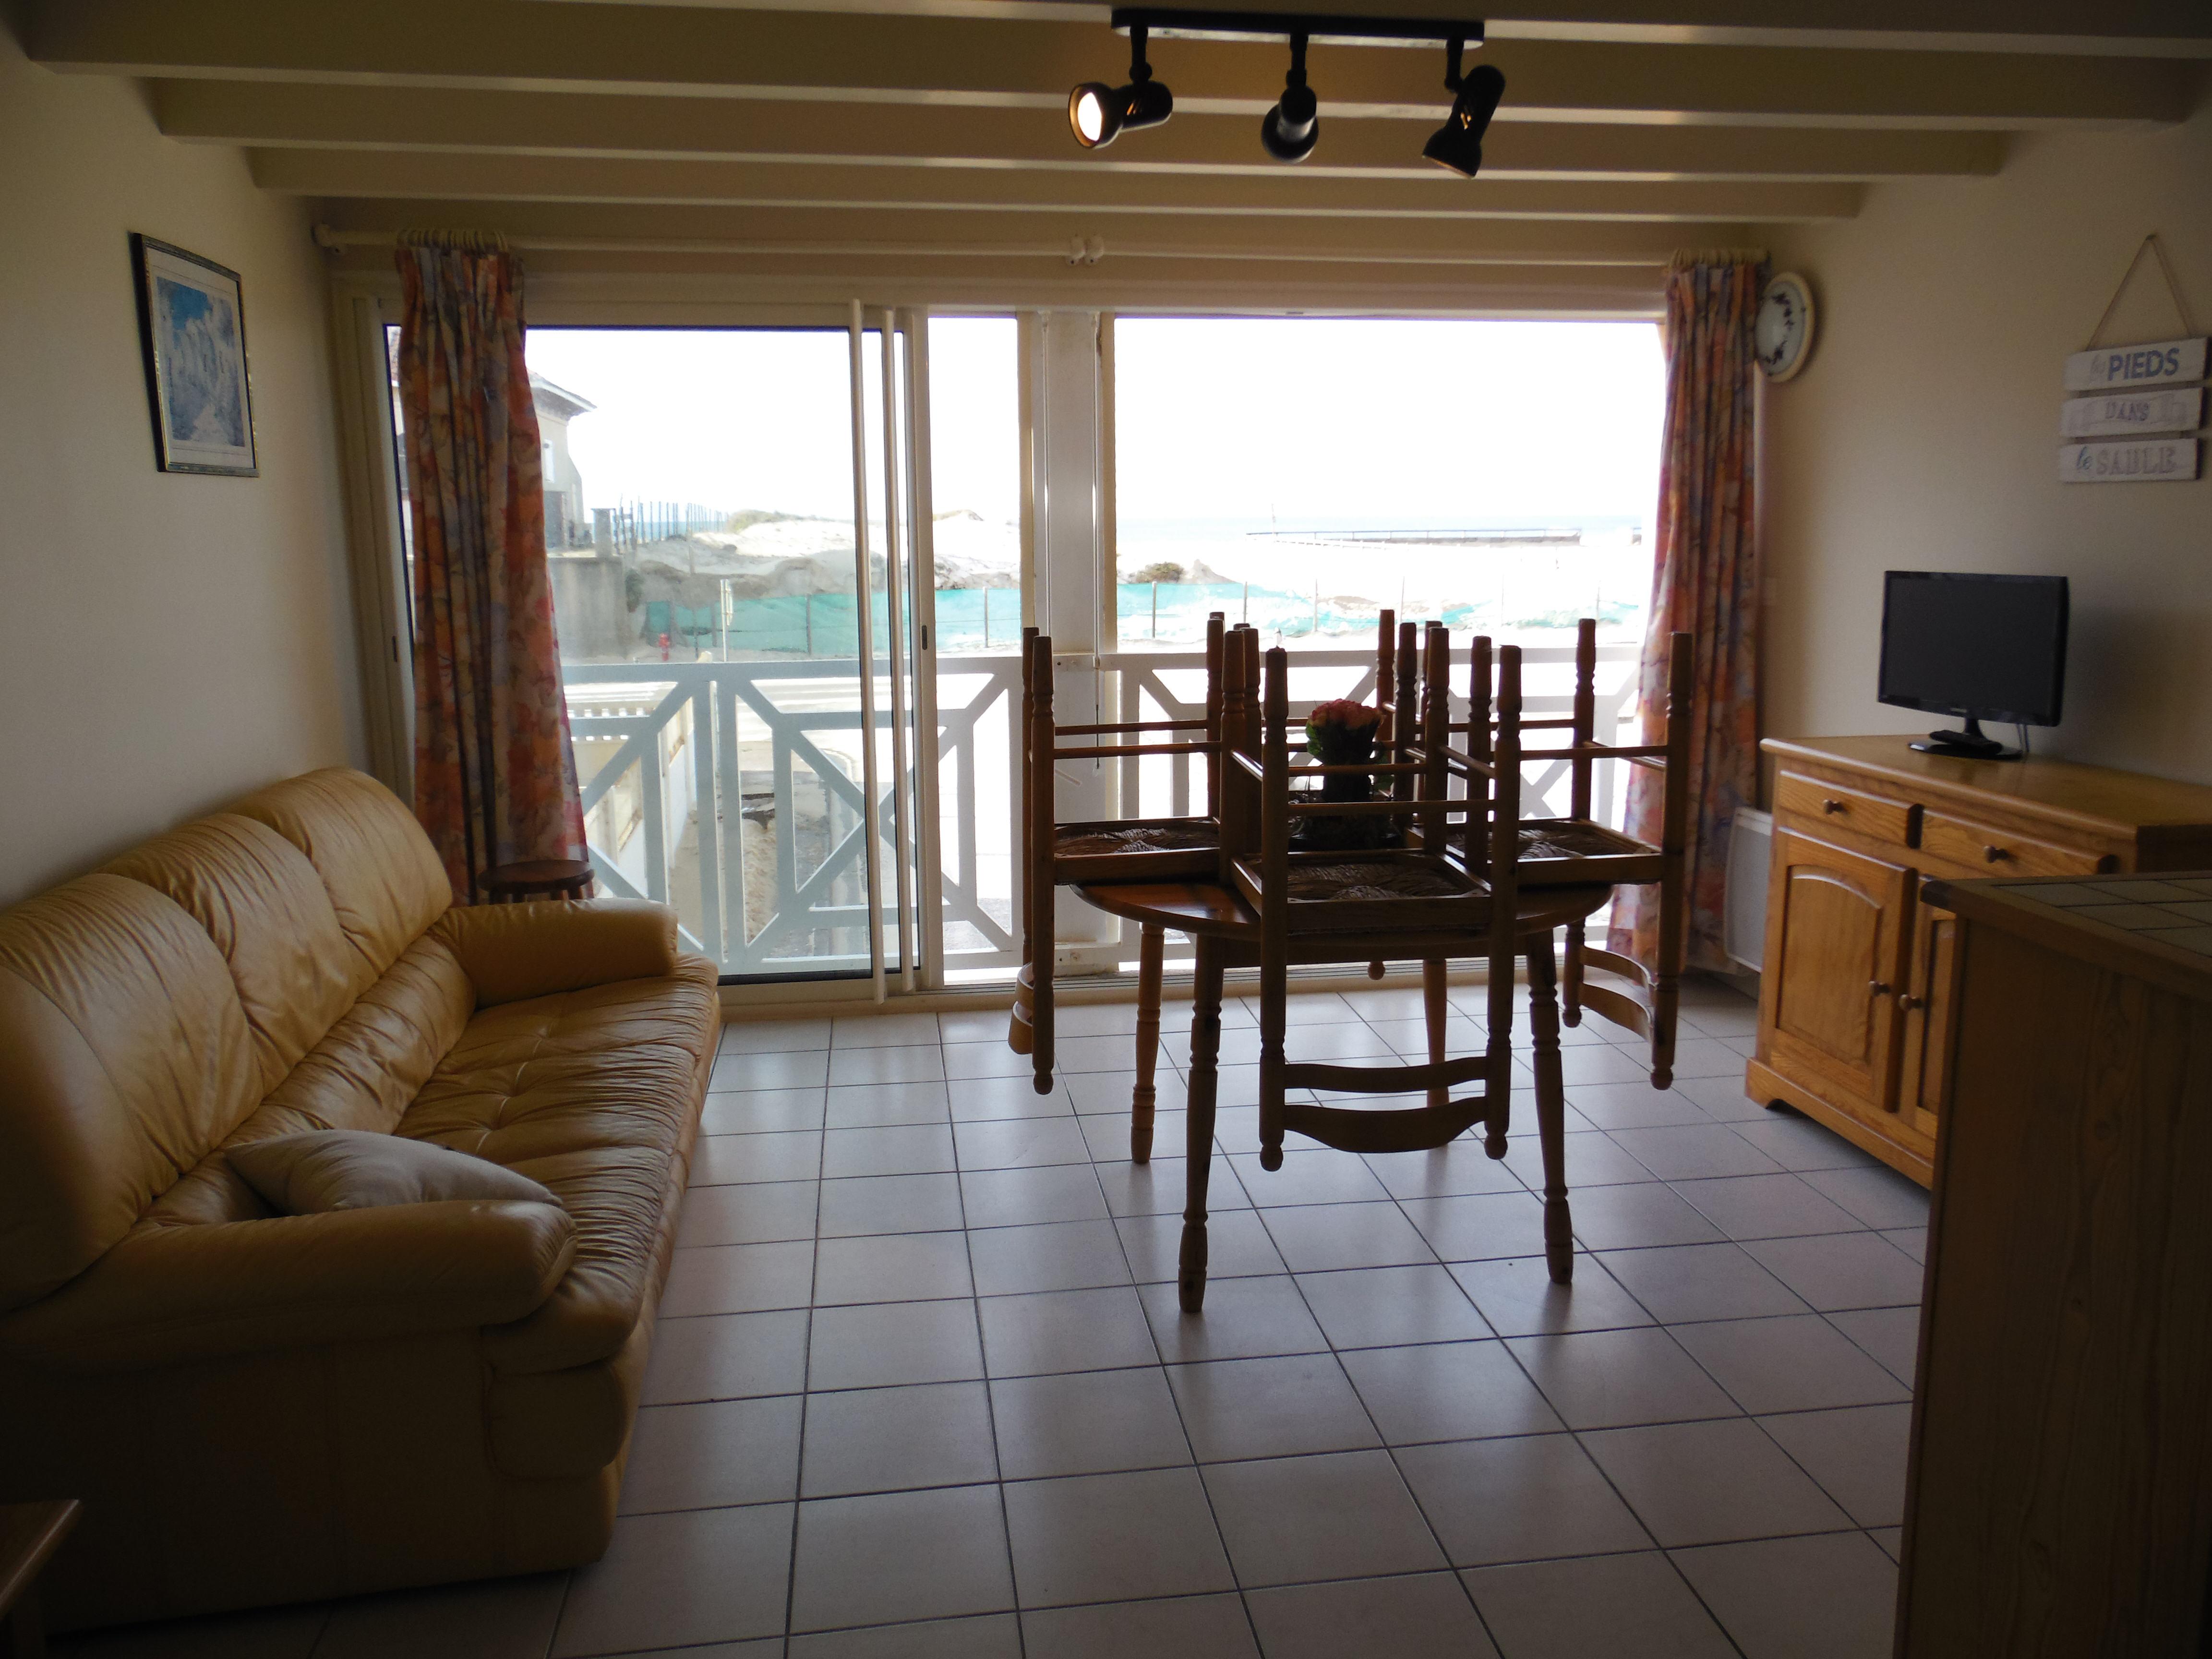 Location de vacances Appartement T3 Duplex à Mimizan Plage